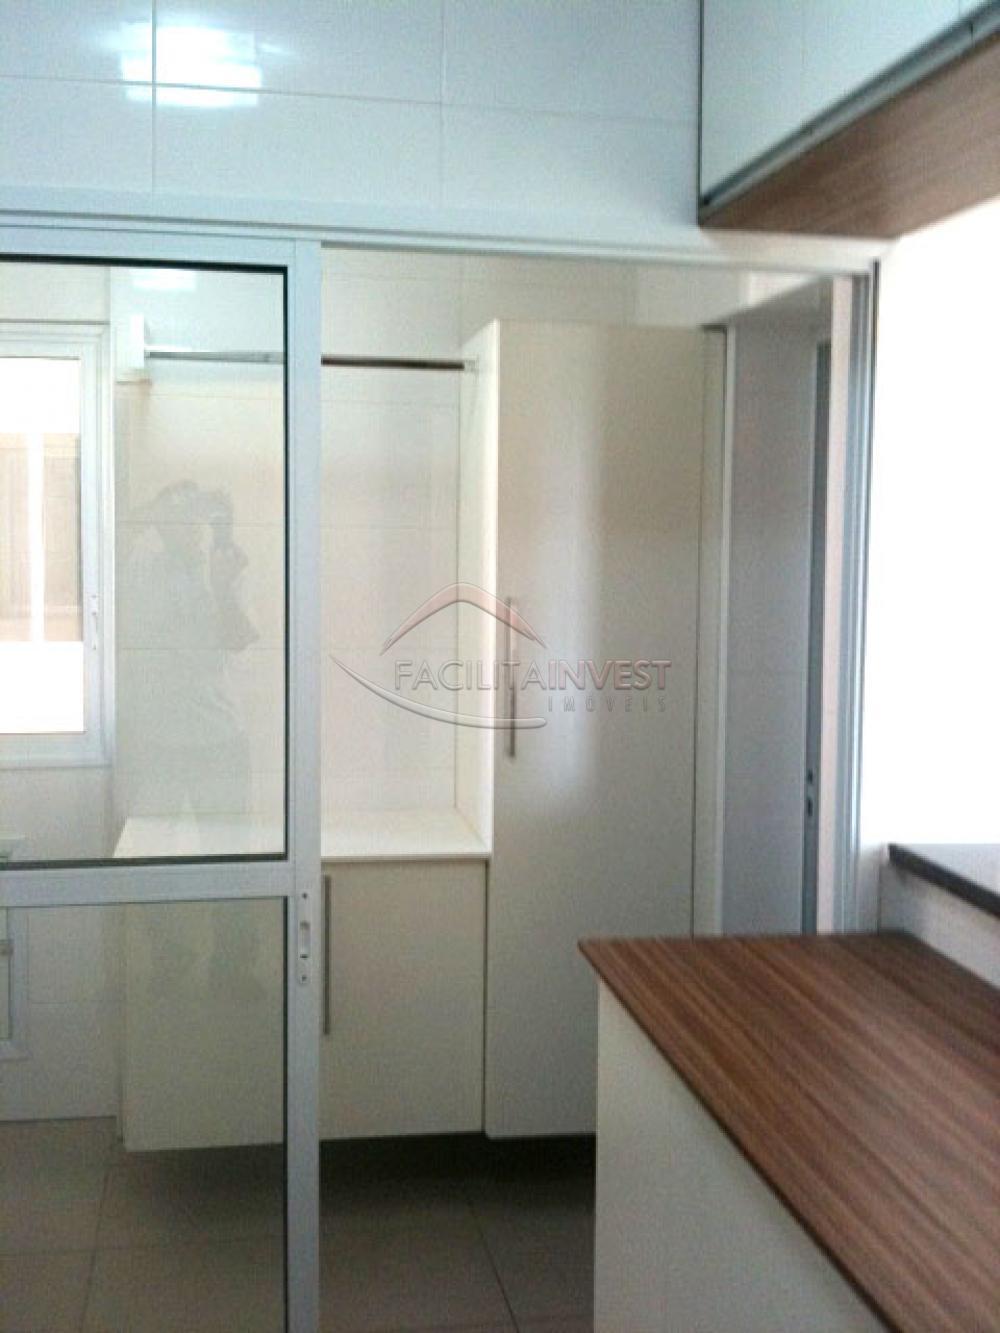 Alugar Apartamentos / Apart. Padrão em Ribeirão Preto apenas R$ 1.700,00 - Foto 18